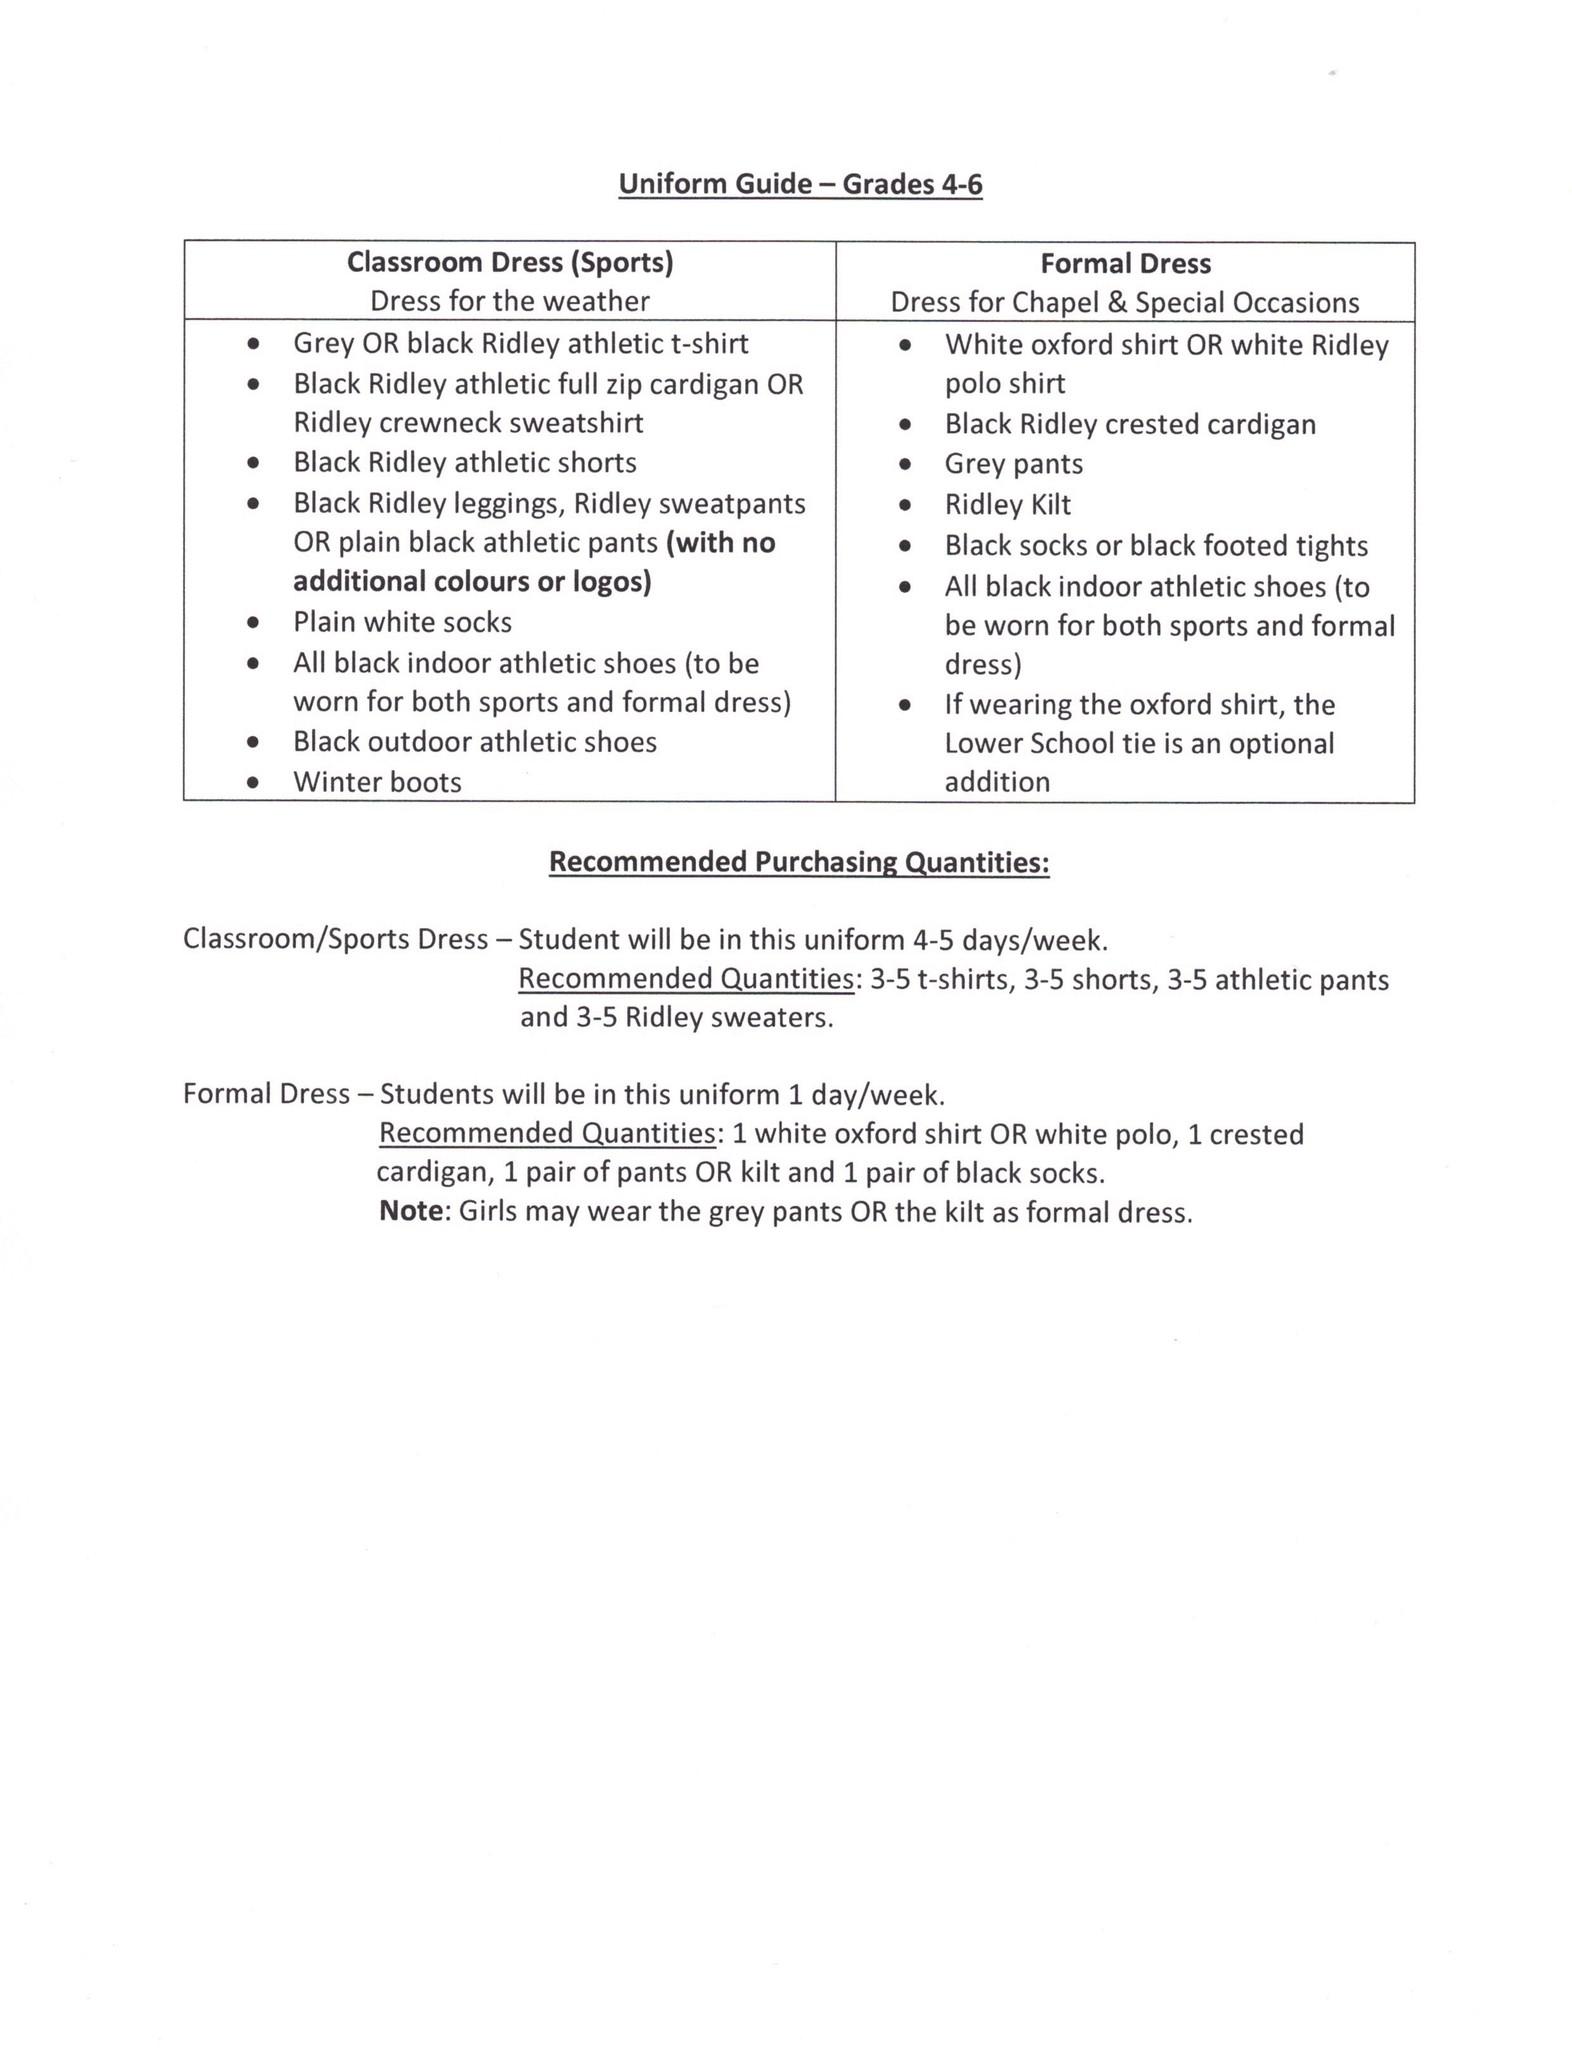 Uniform Guide (Gr. 4-6)